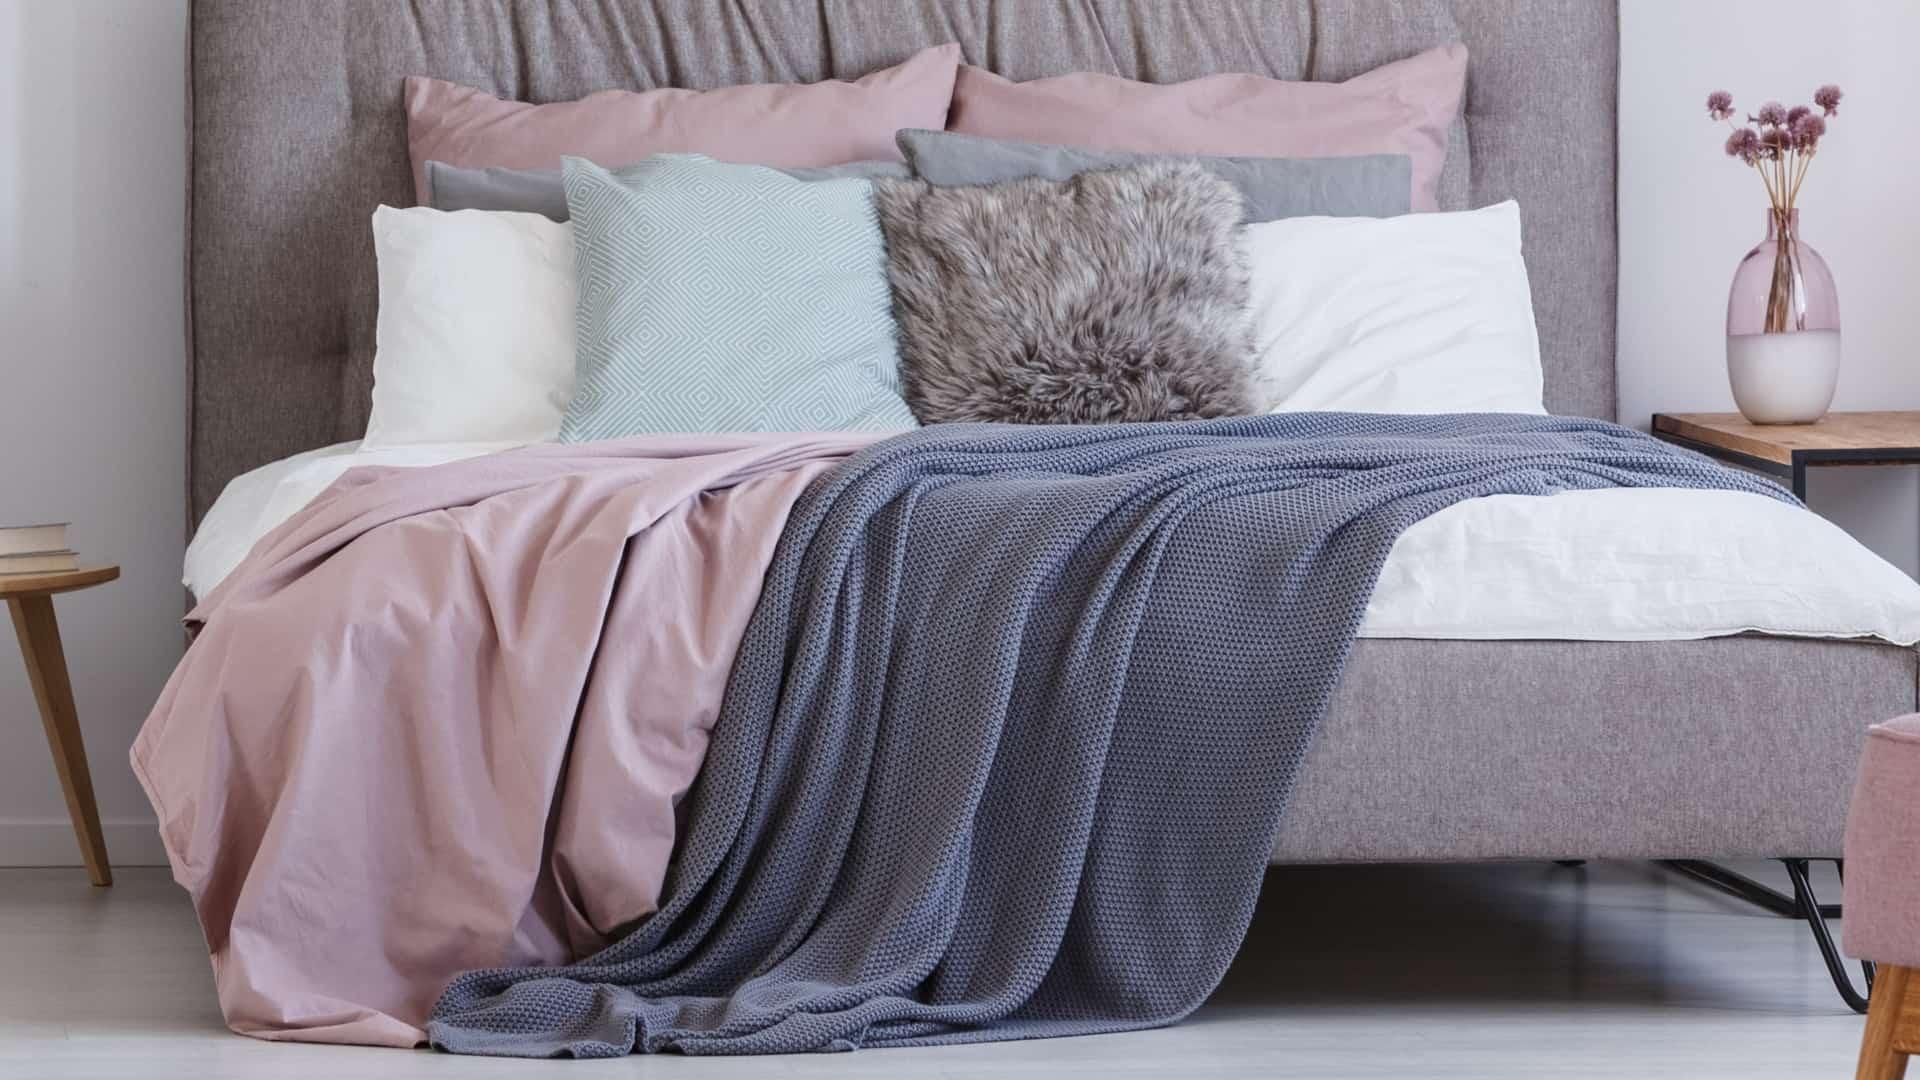 Imagem de cama com lençol, travesseiros e cobertas.